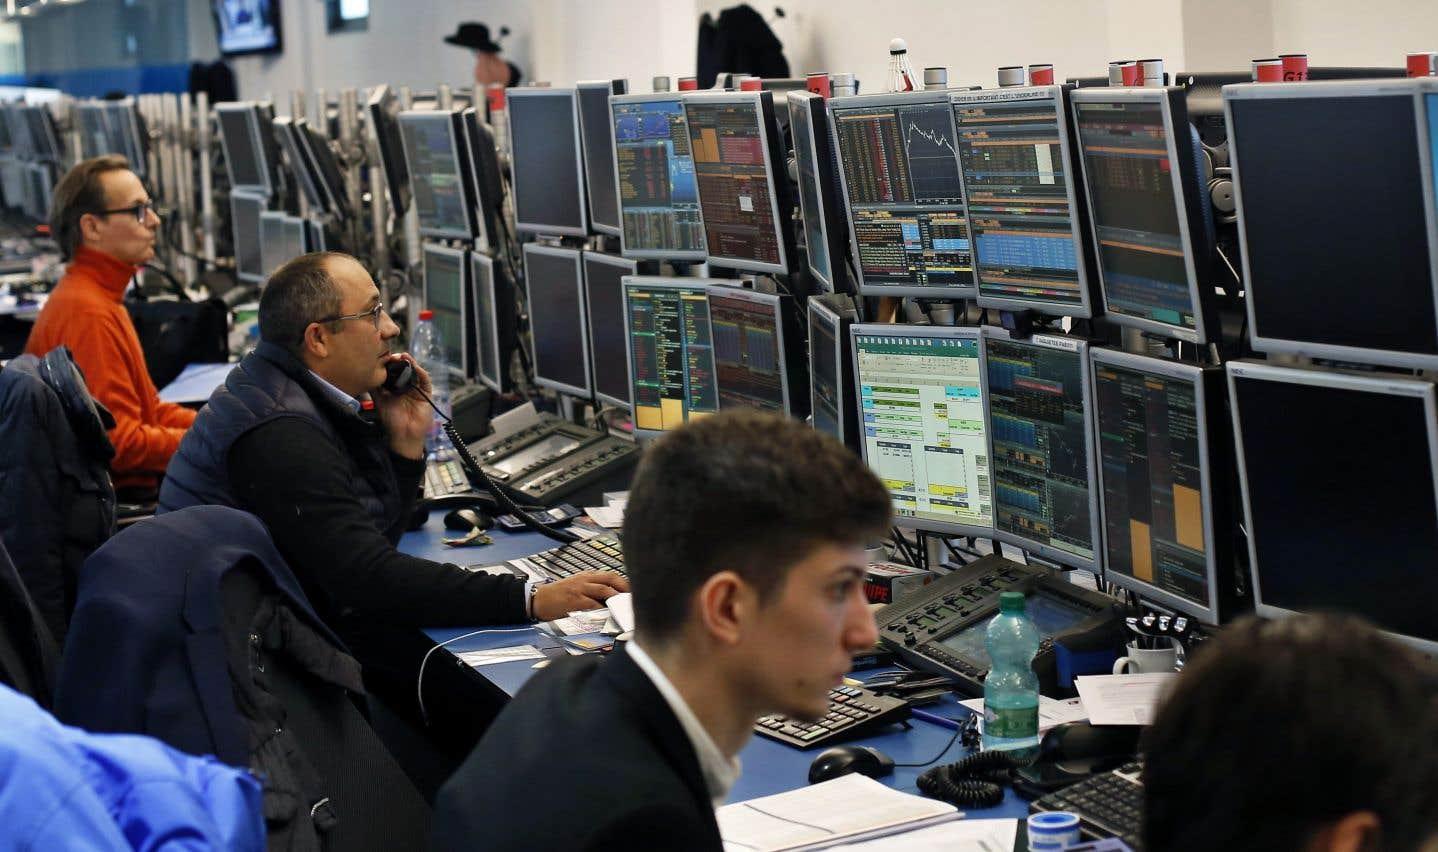 L'indice symbolique Dow Jones s'est permis le plus long cycle «bullish» de son histoire, avec un point de départ de cette phase ascendante en mars 2009.